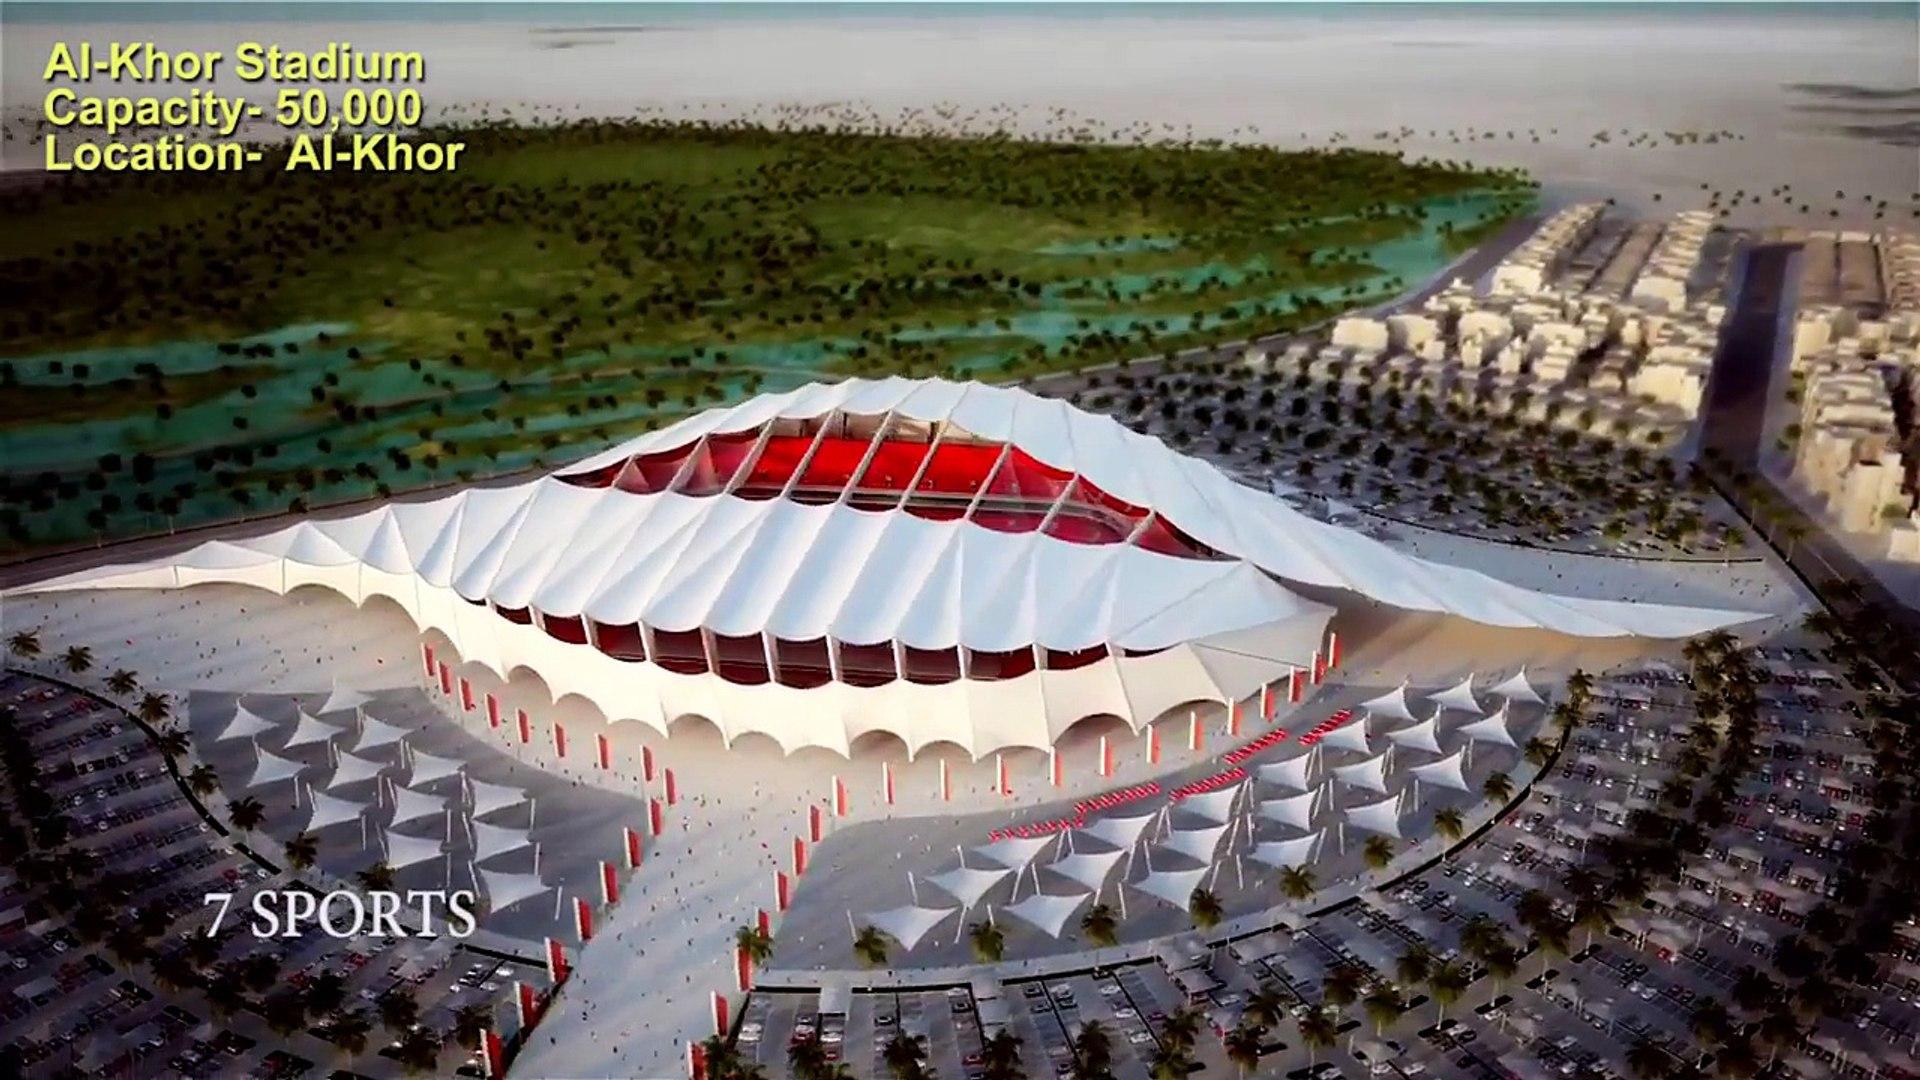 Al Khor Stadium - Qatar World Cup 2022